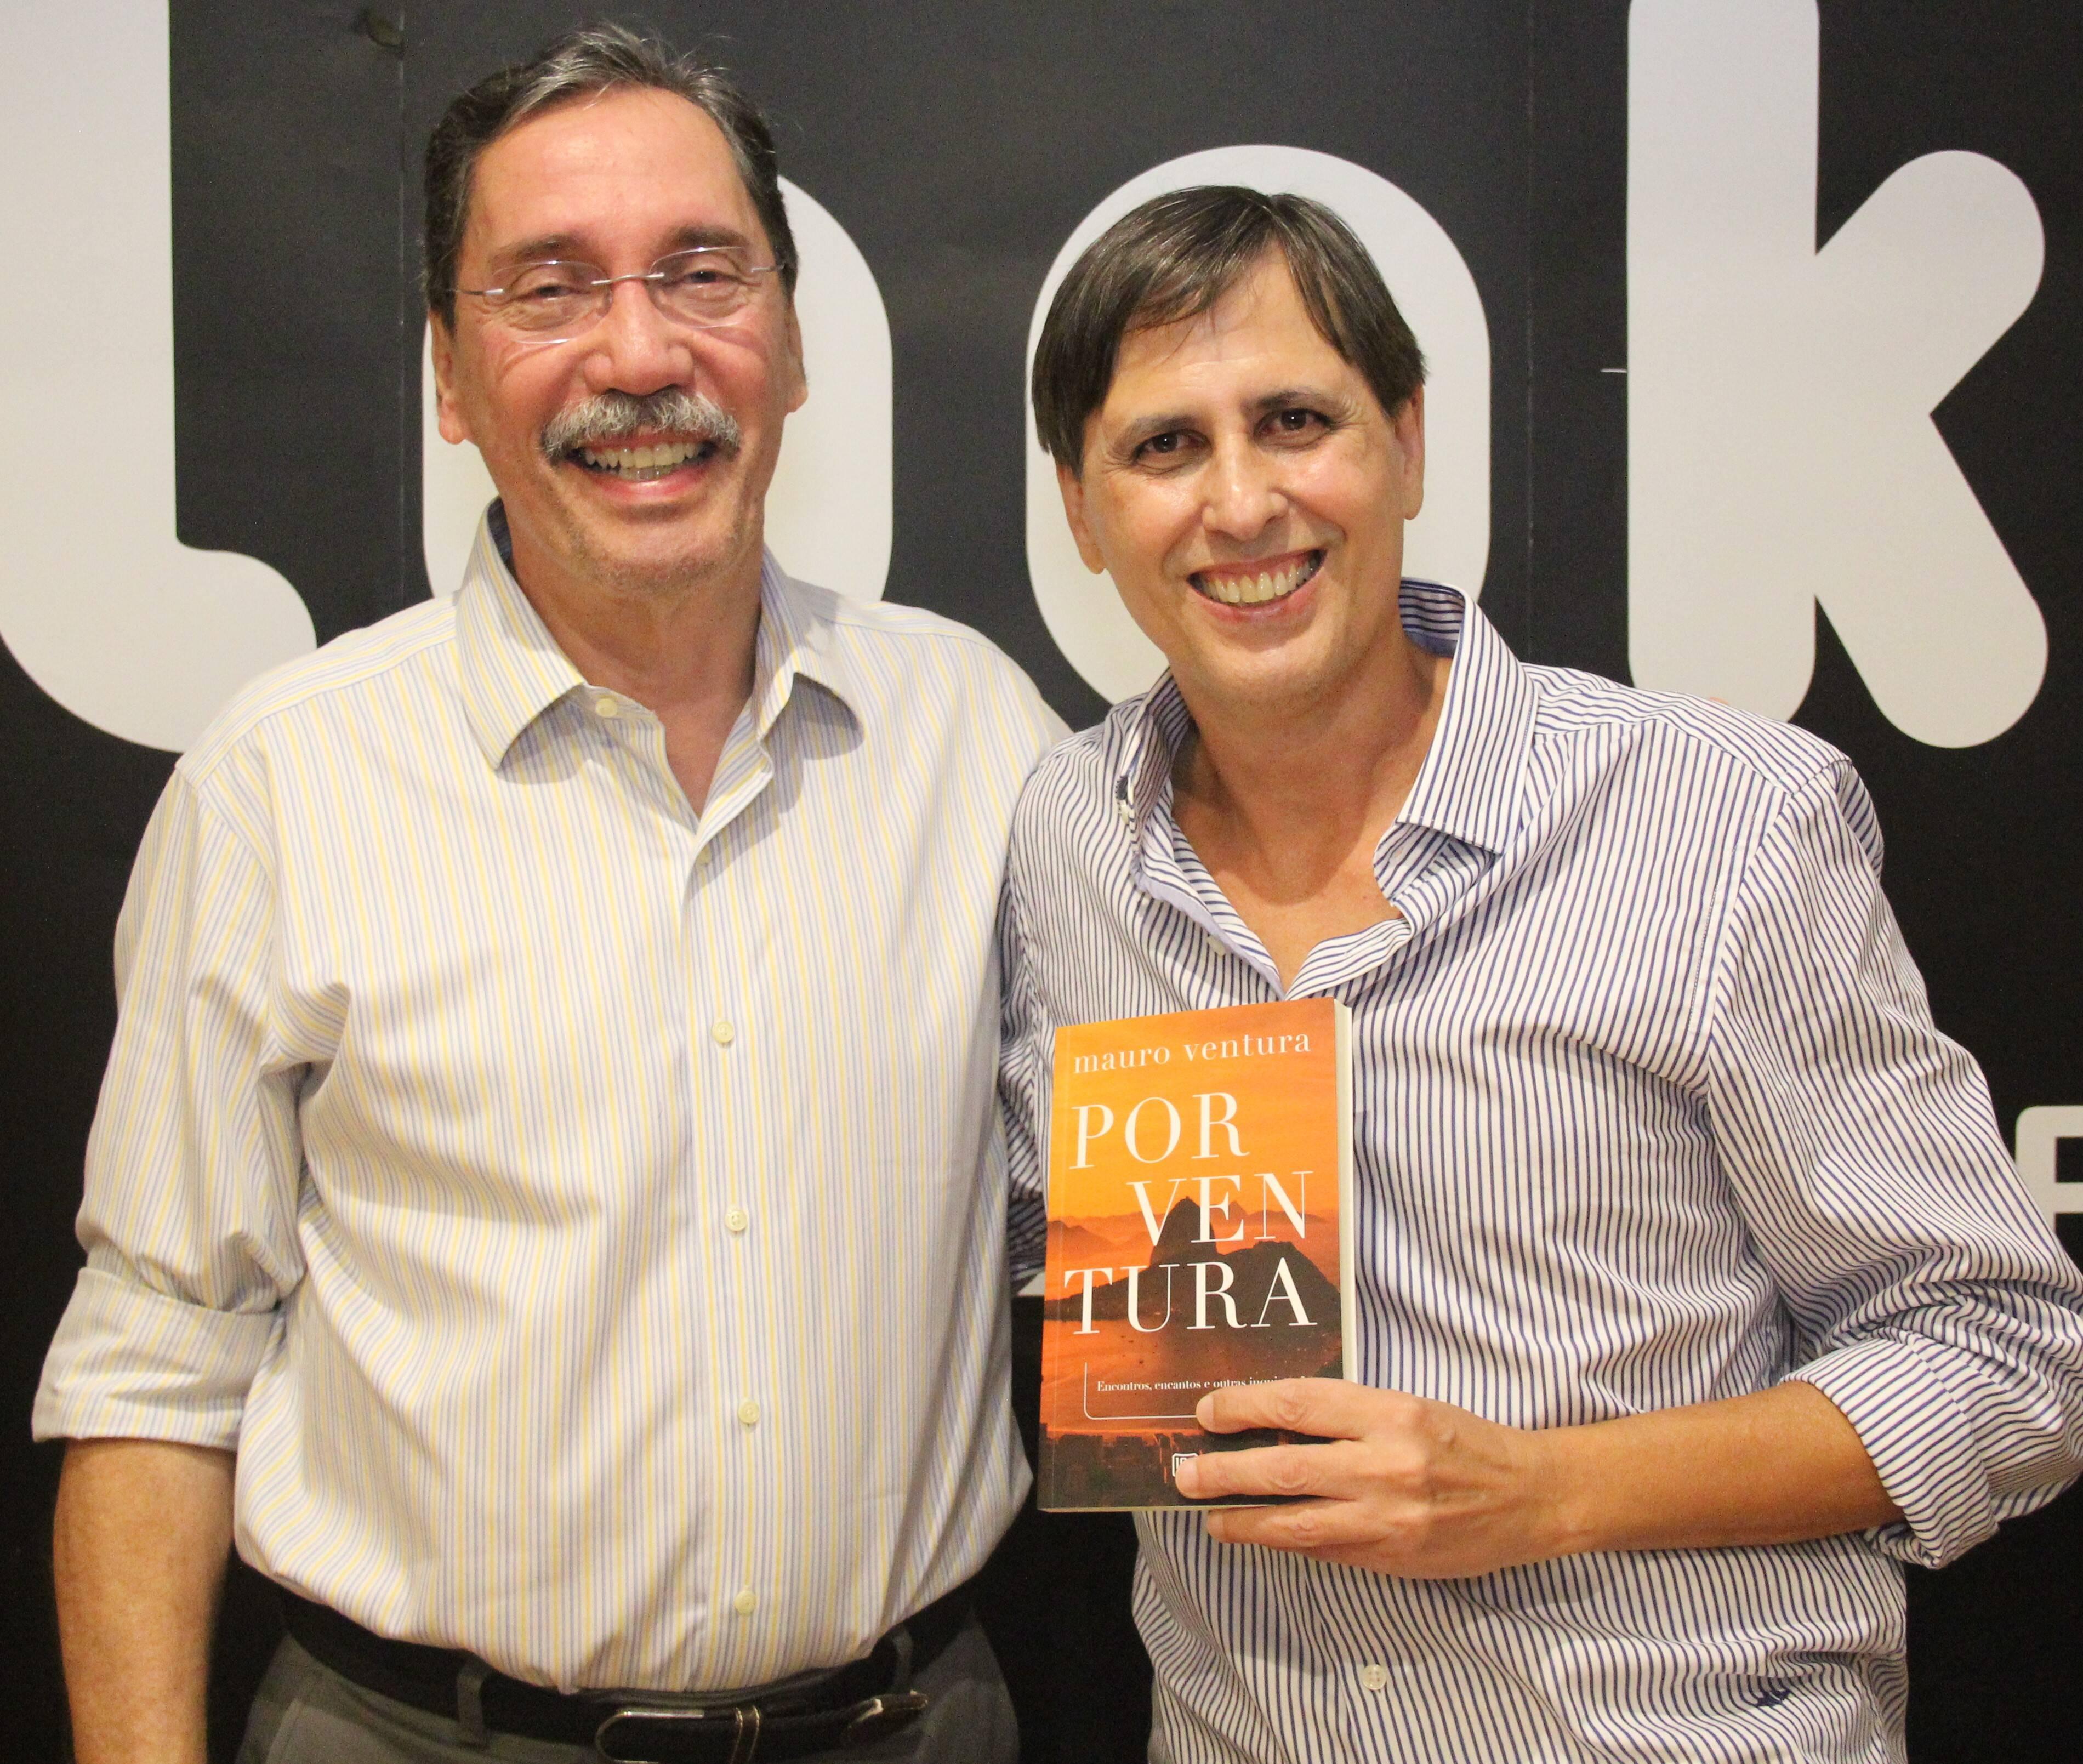 Mauro Ventura e o acadêmico e diretor de jornalismo da TV Globo, Merval Pereira /Foto: Marcelo Brandão